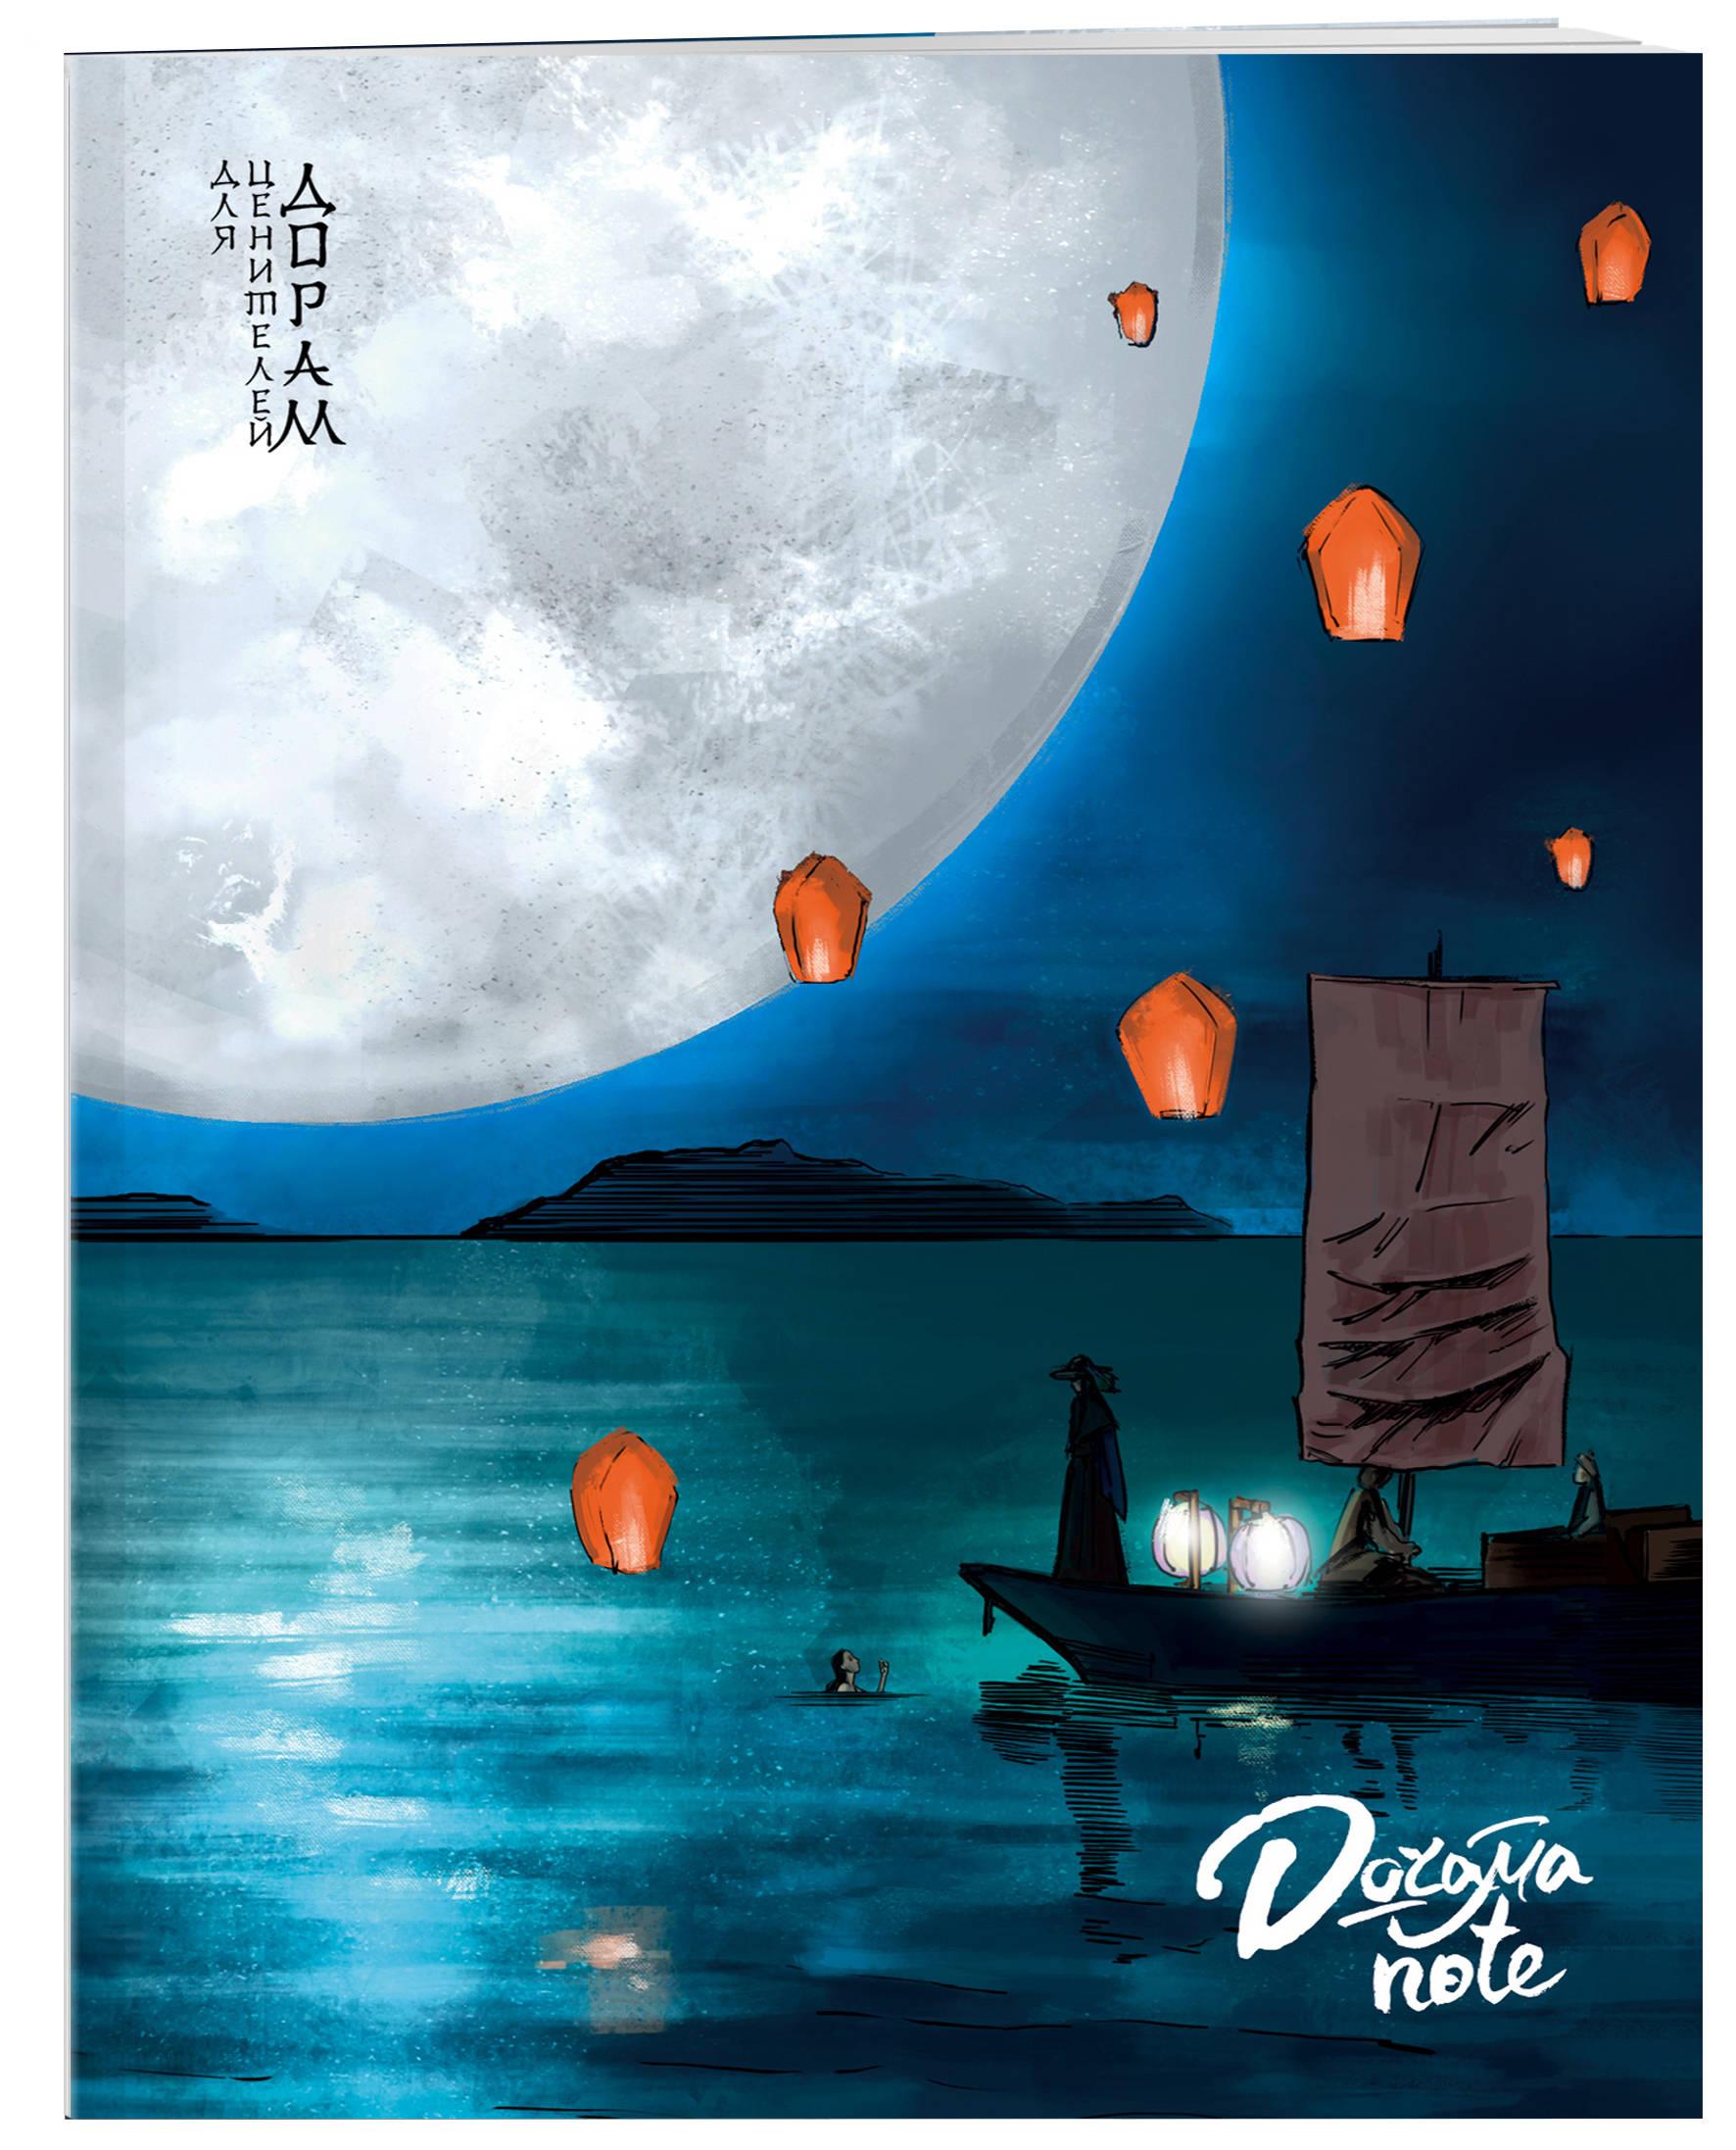 Doramanote (Легенды синего моря)